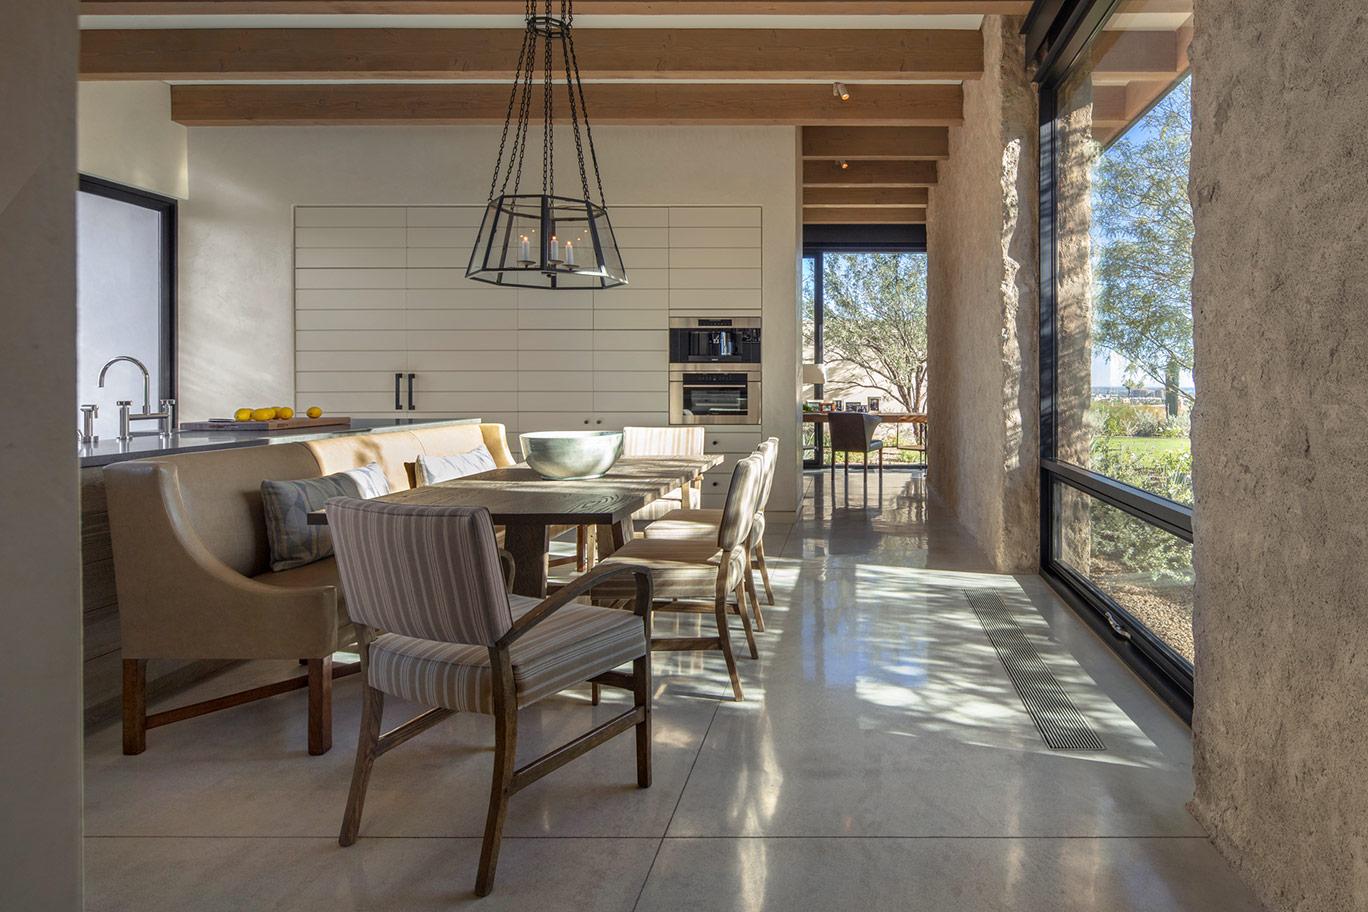 Traditional Dining Room Interior Design ǀ David Michael Miller